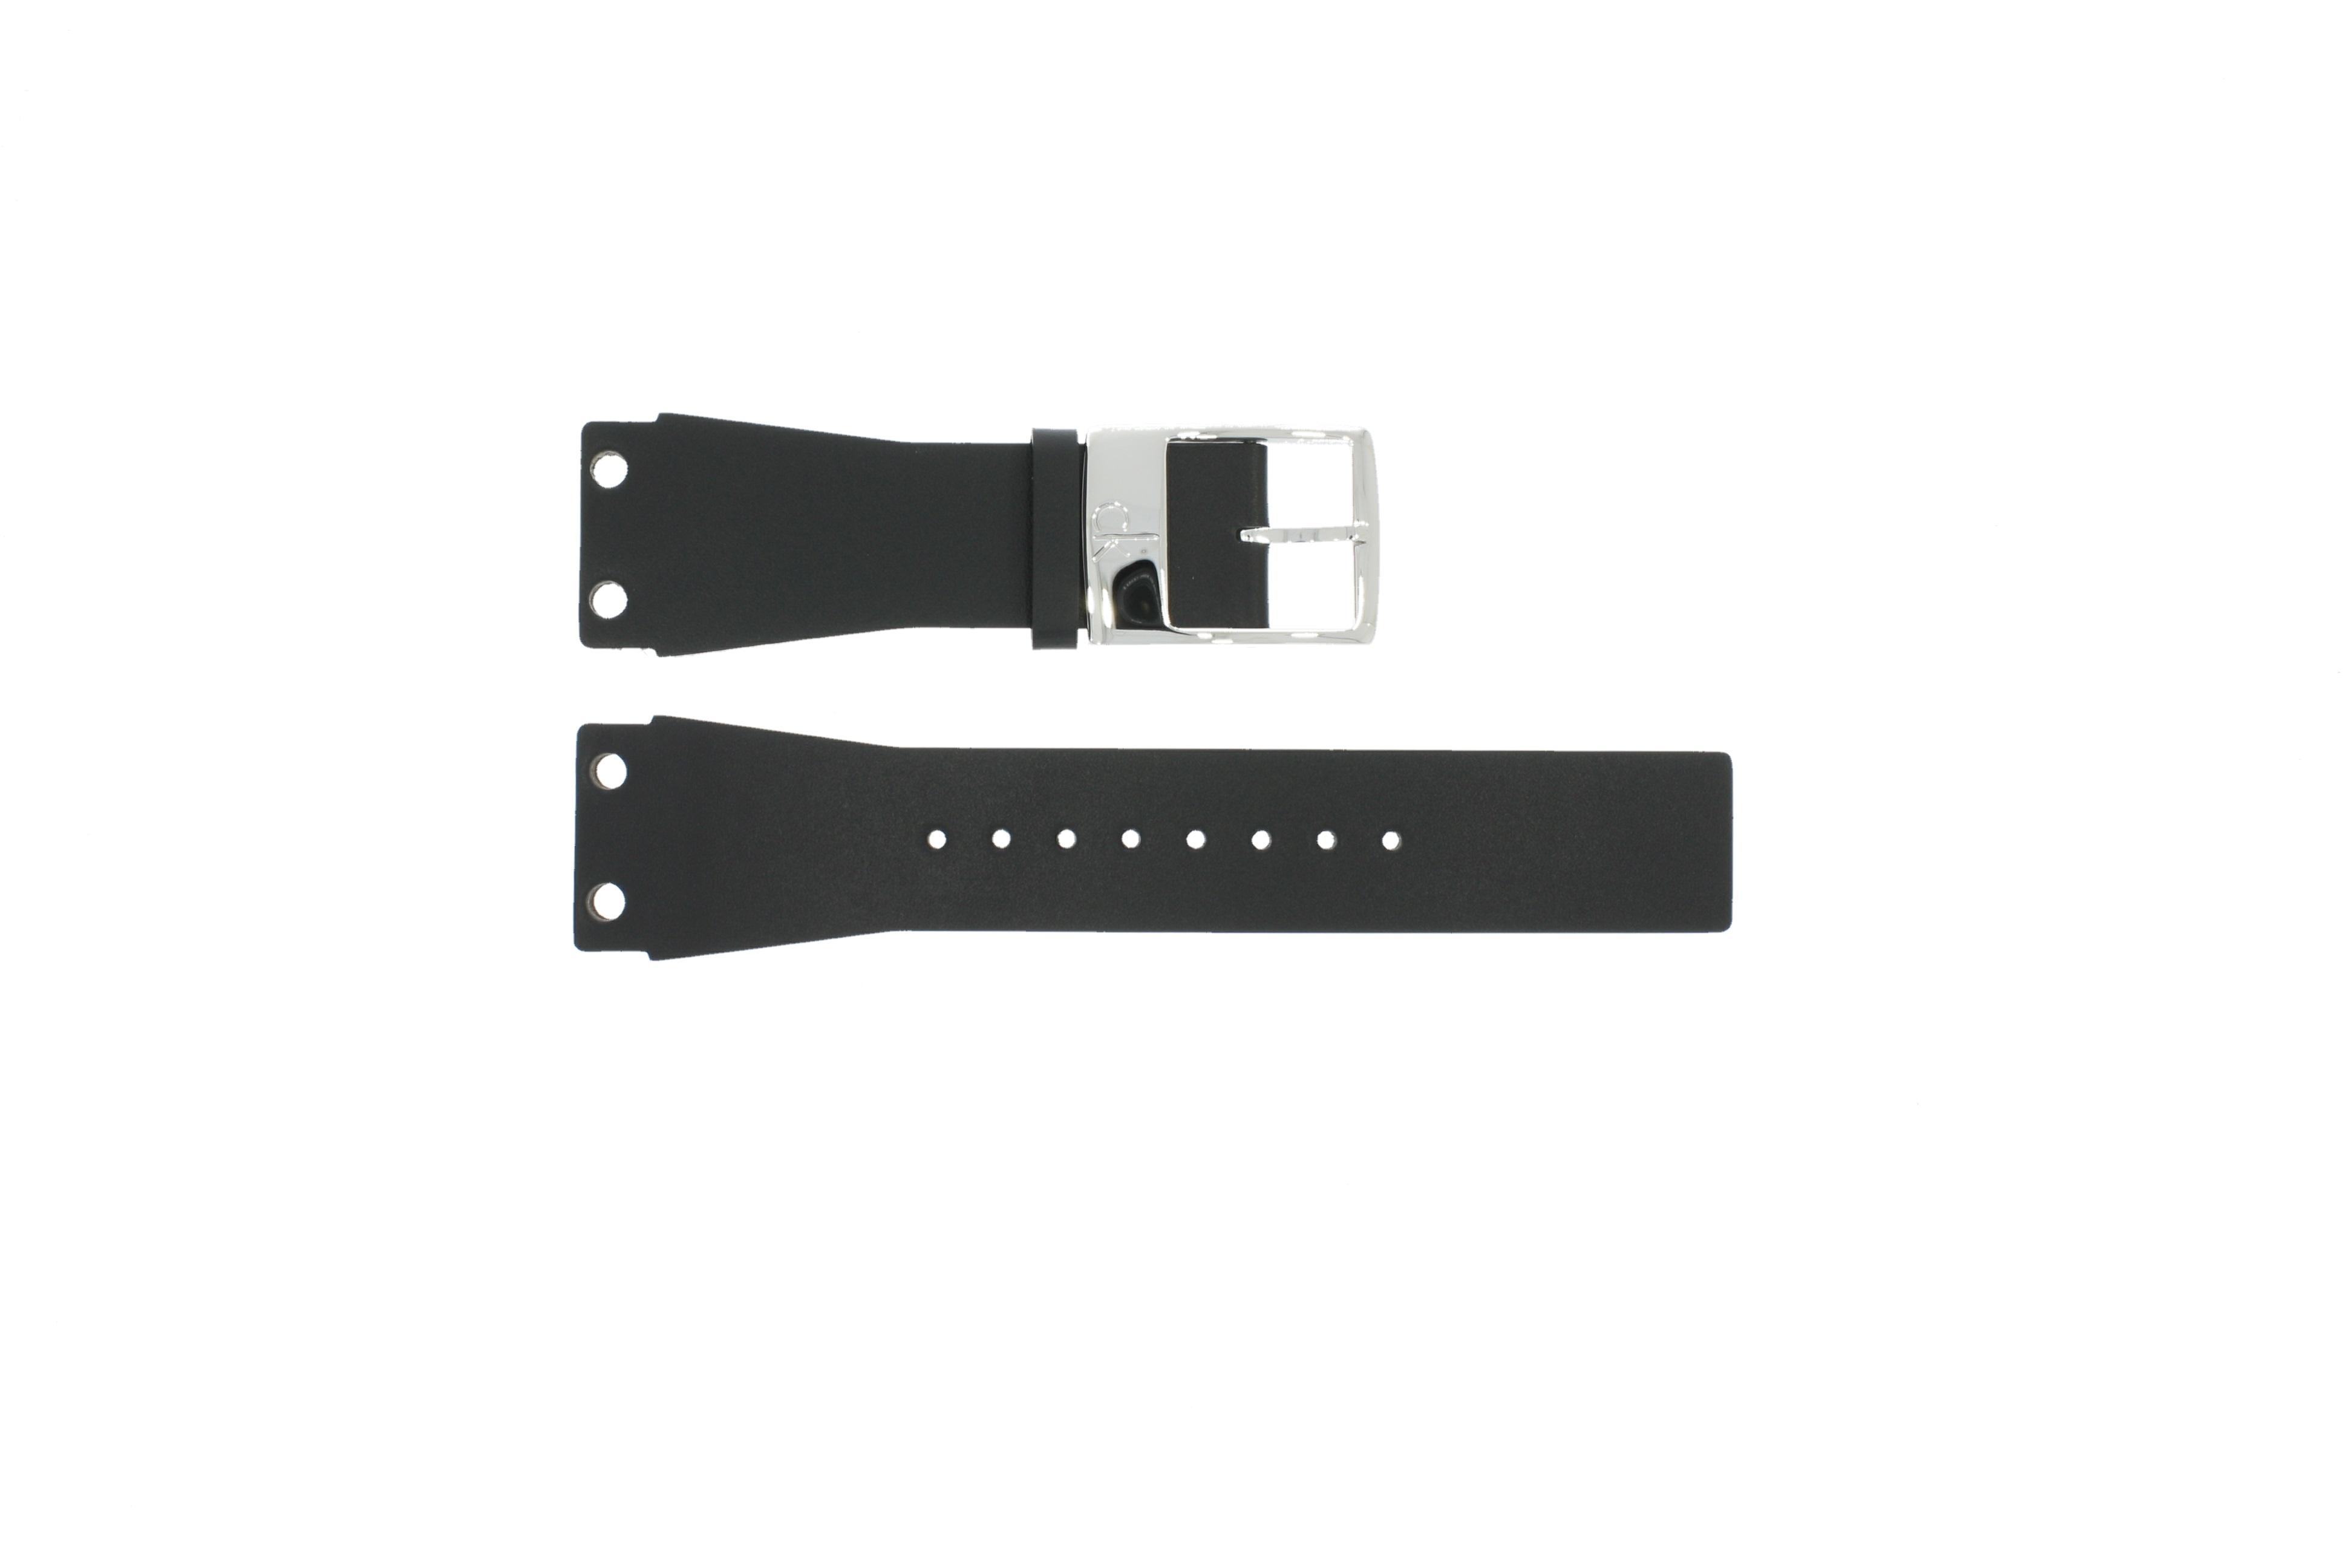 Cuirplastique Noir K600060218 K7547100 Montre Bracelet 25mm De 34Aq5LRScj